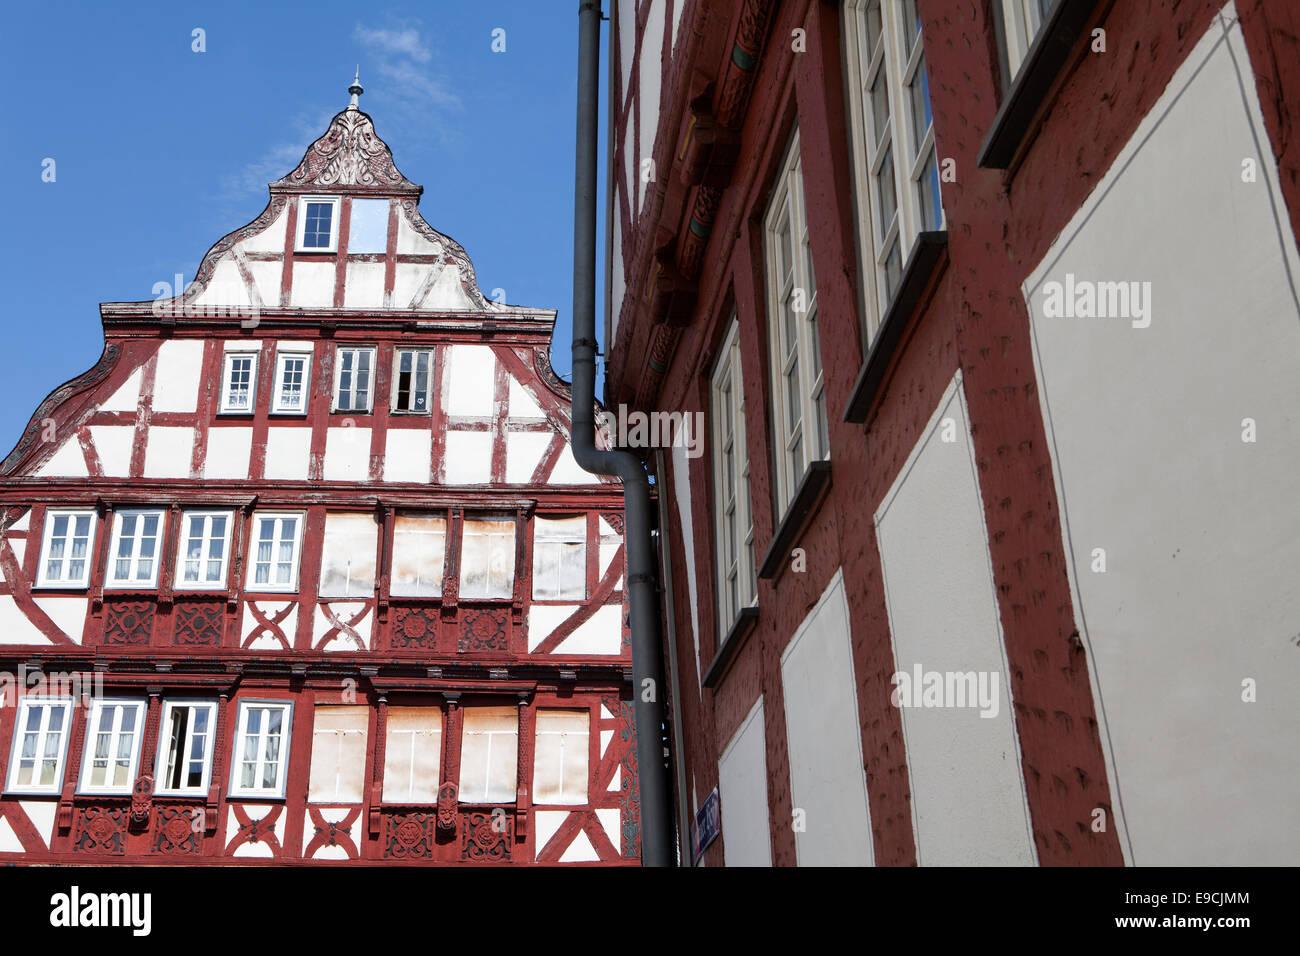 Restaurata e non ancora case restaurate, Kornmarkt mercato del grano, la storica città vecchia di Herborn, Immagini Stock